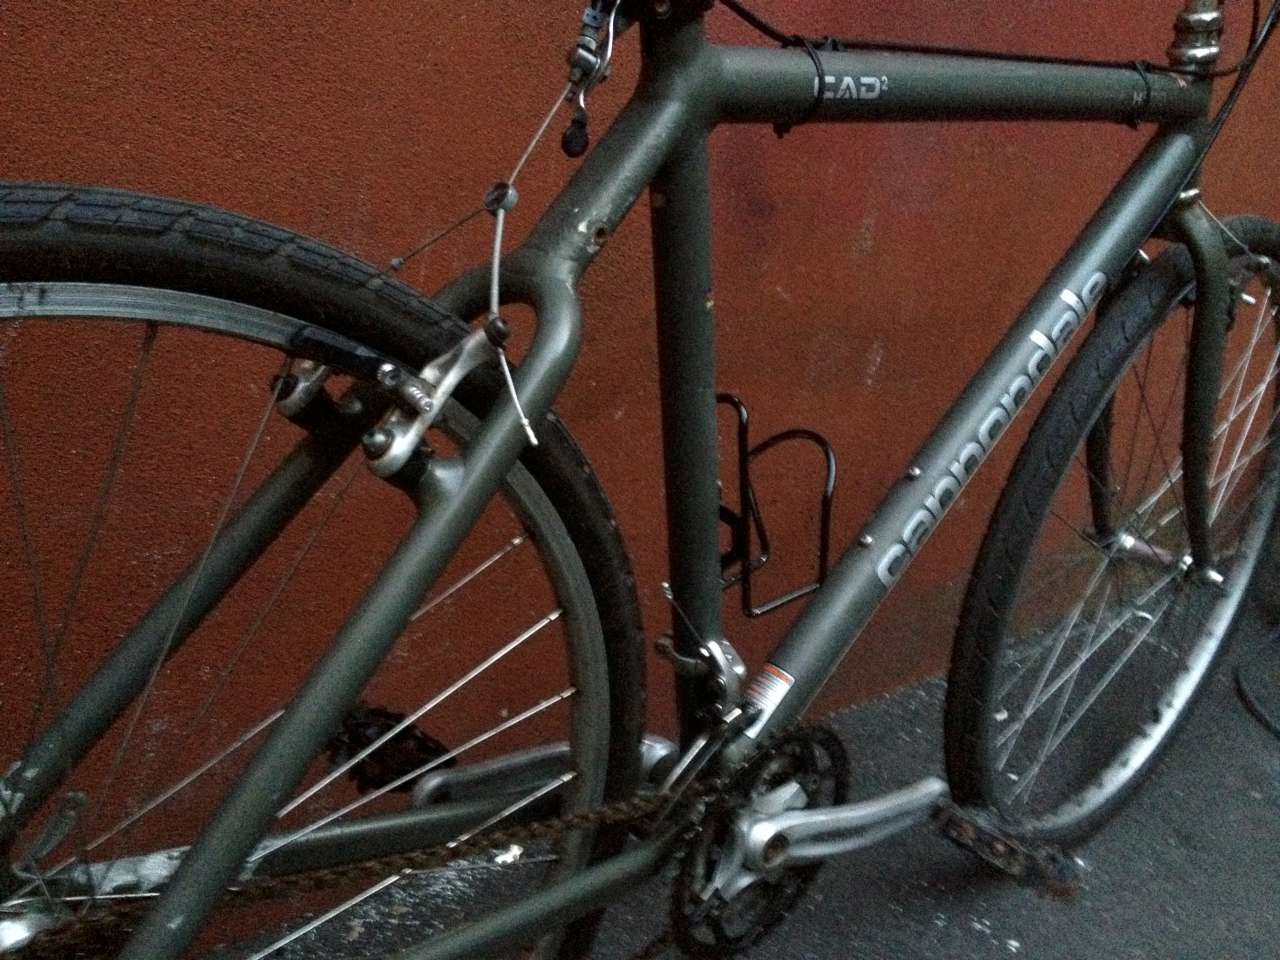 6a2d836c8b1 Bike Boom refurbished bikes: 1997 Cannondale H500